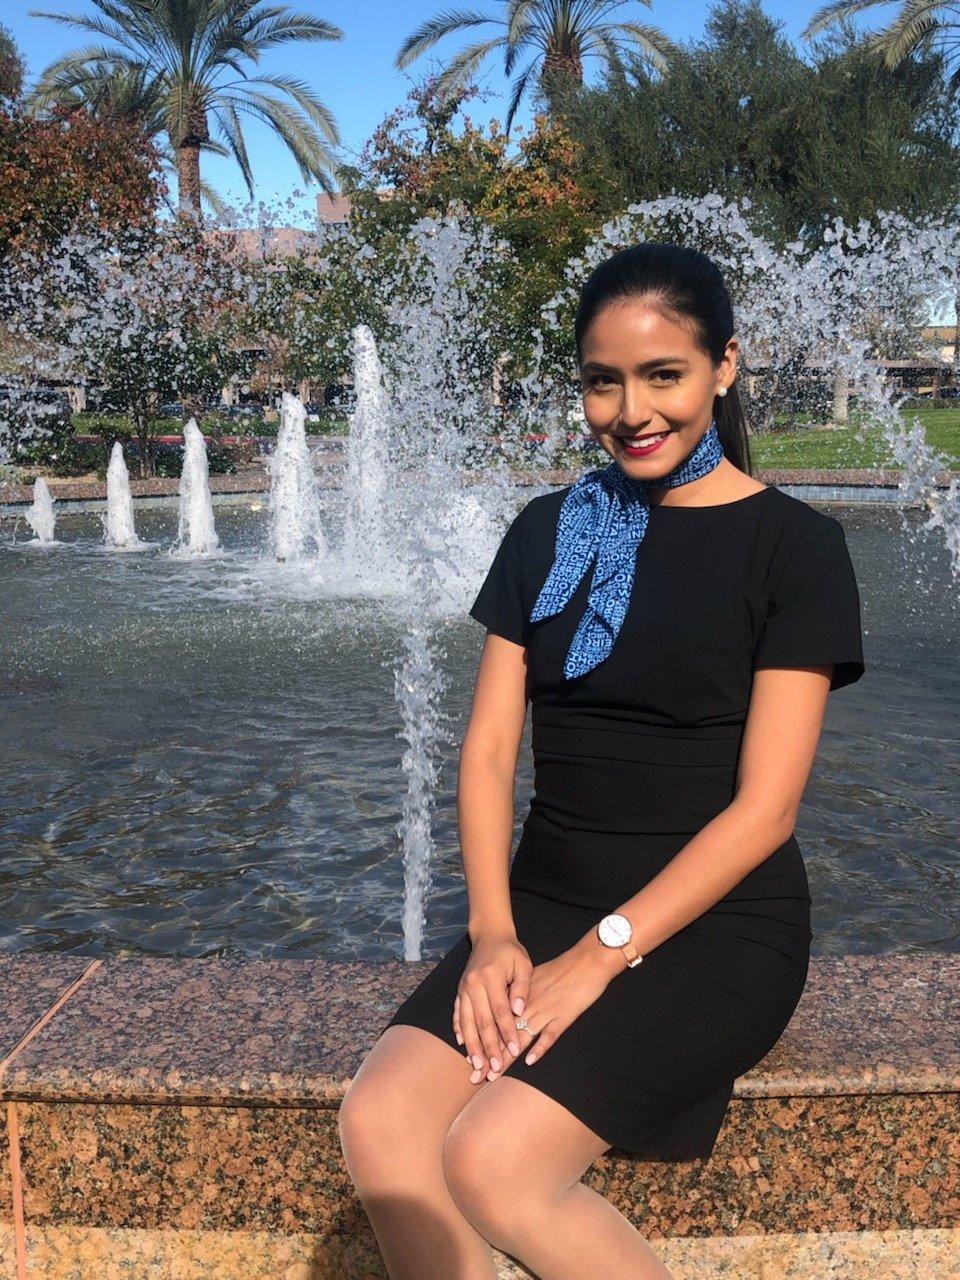 In a photo taken by her husband, SeleneSaavedraRoman wears her flight attendant uniform.